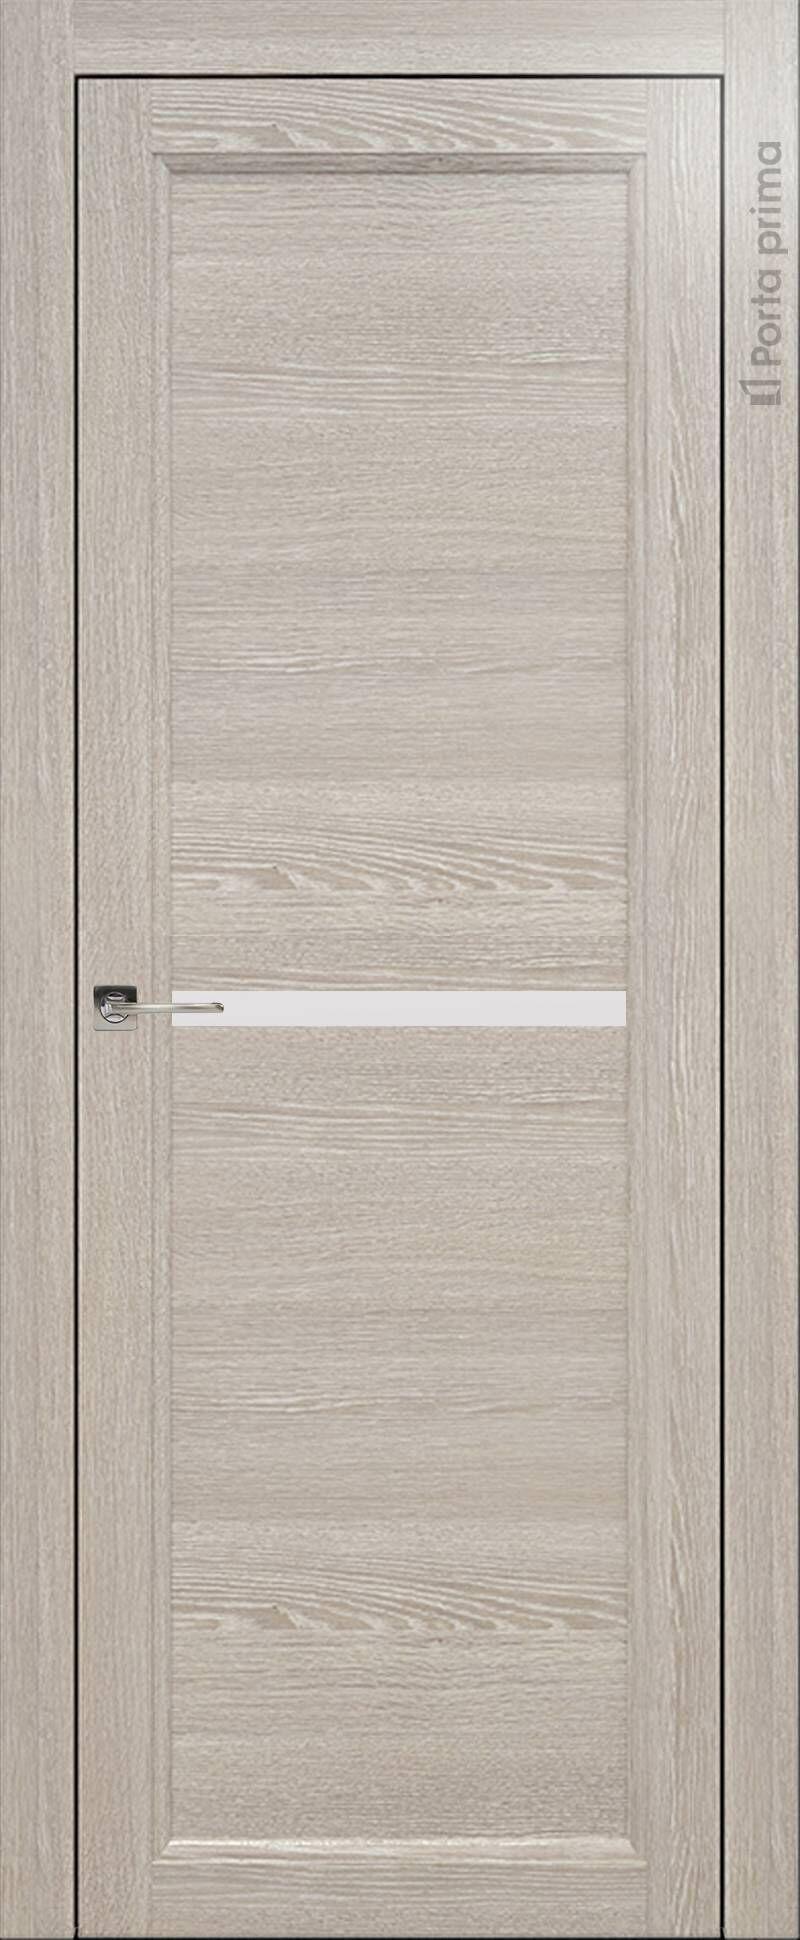 Sorrento-R А3 цвет - Серый дуб Без стекла (ДГ)